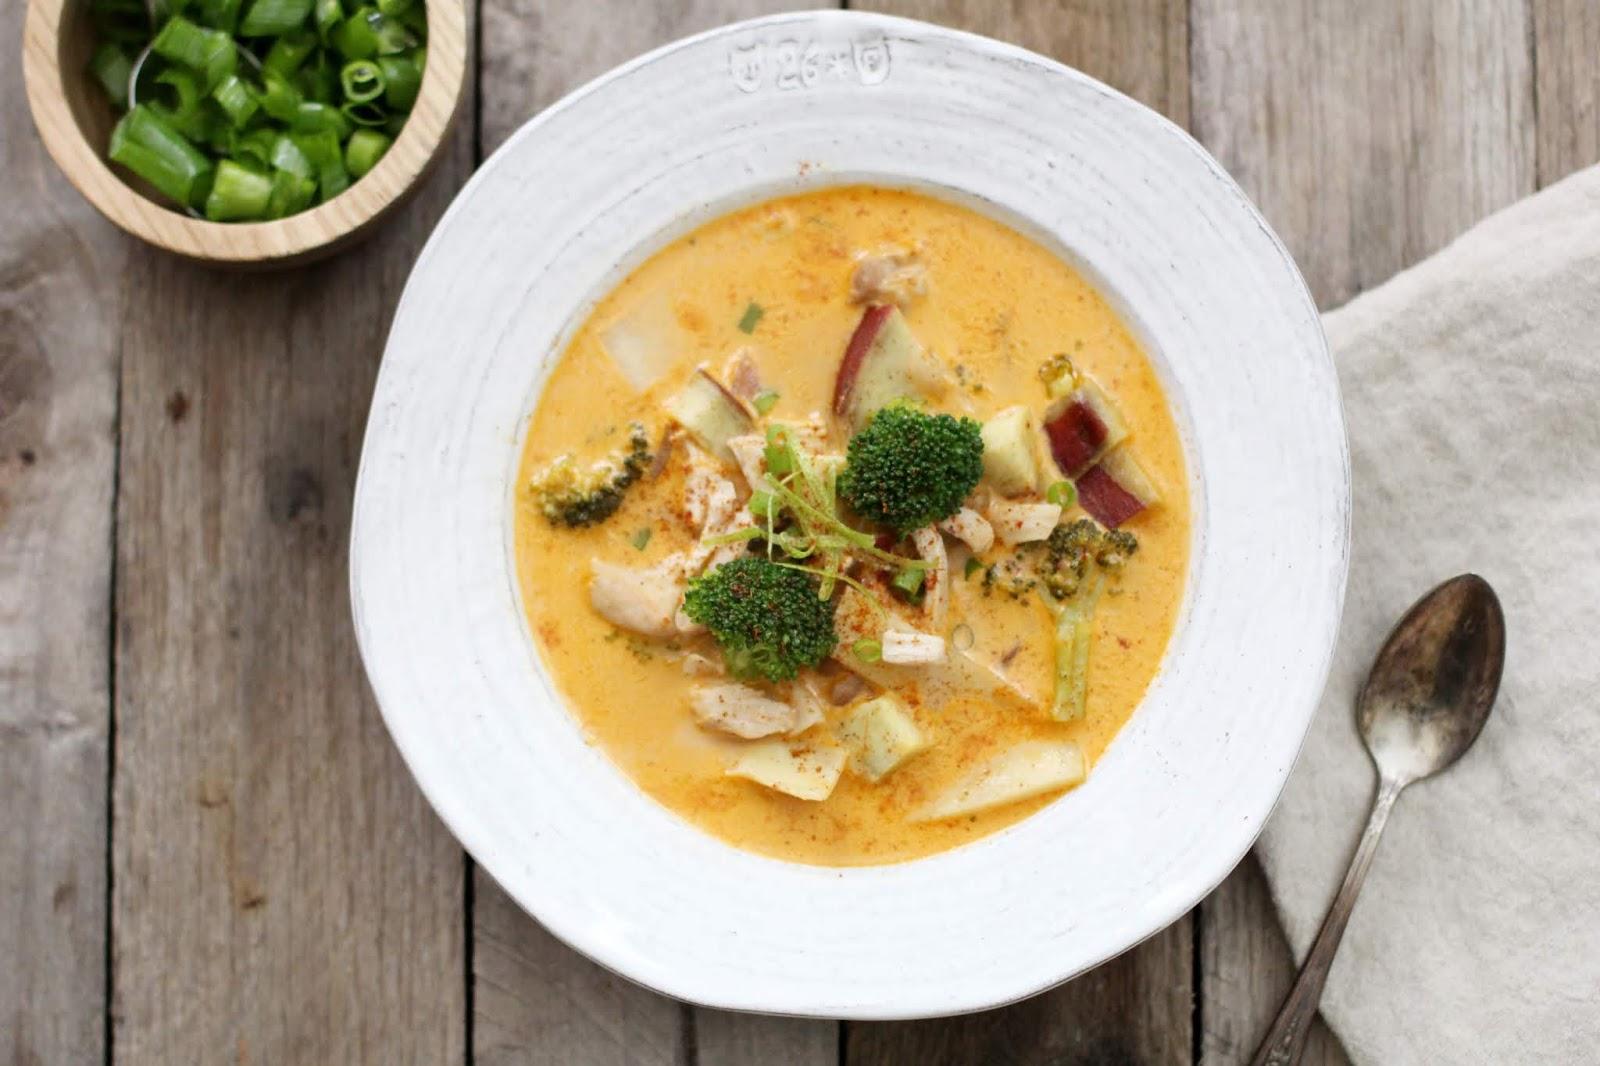 Spicy Thai Coconut Chicken Soup, Thai Chicken Coconut Soup, Thai Chicken Soup With Coconut Milk, Thai Coconut Chicken Soup, Thai Coconut Chicken Soup Recipe, Thai Coconut Curry Chicken Soup